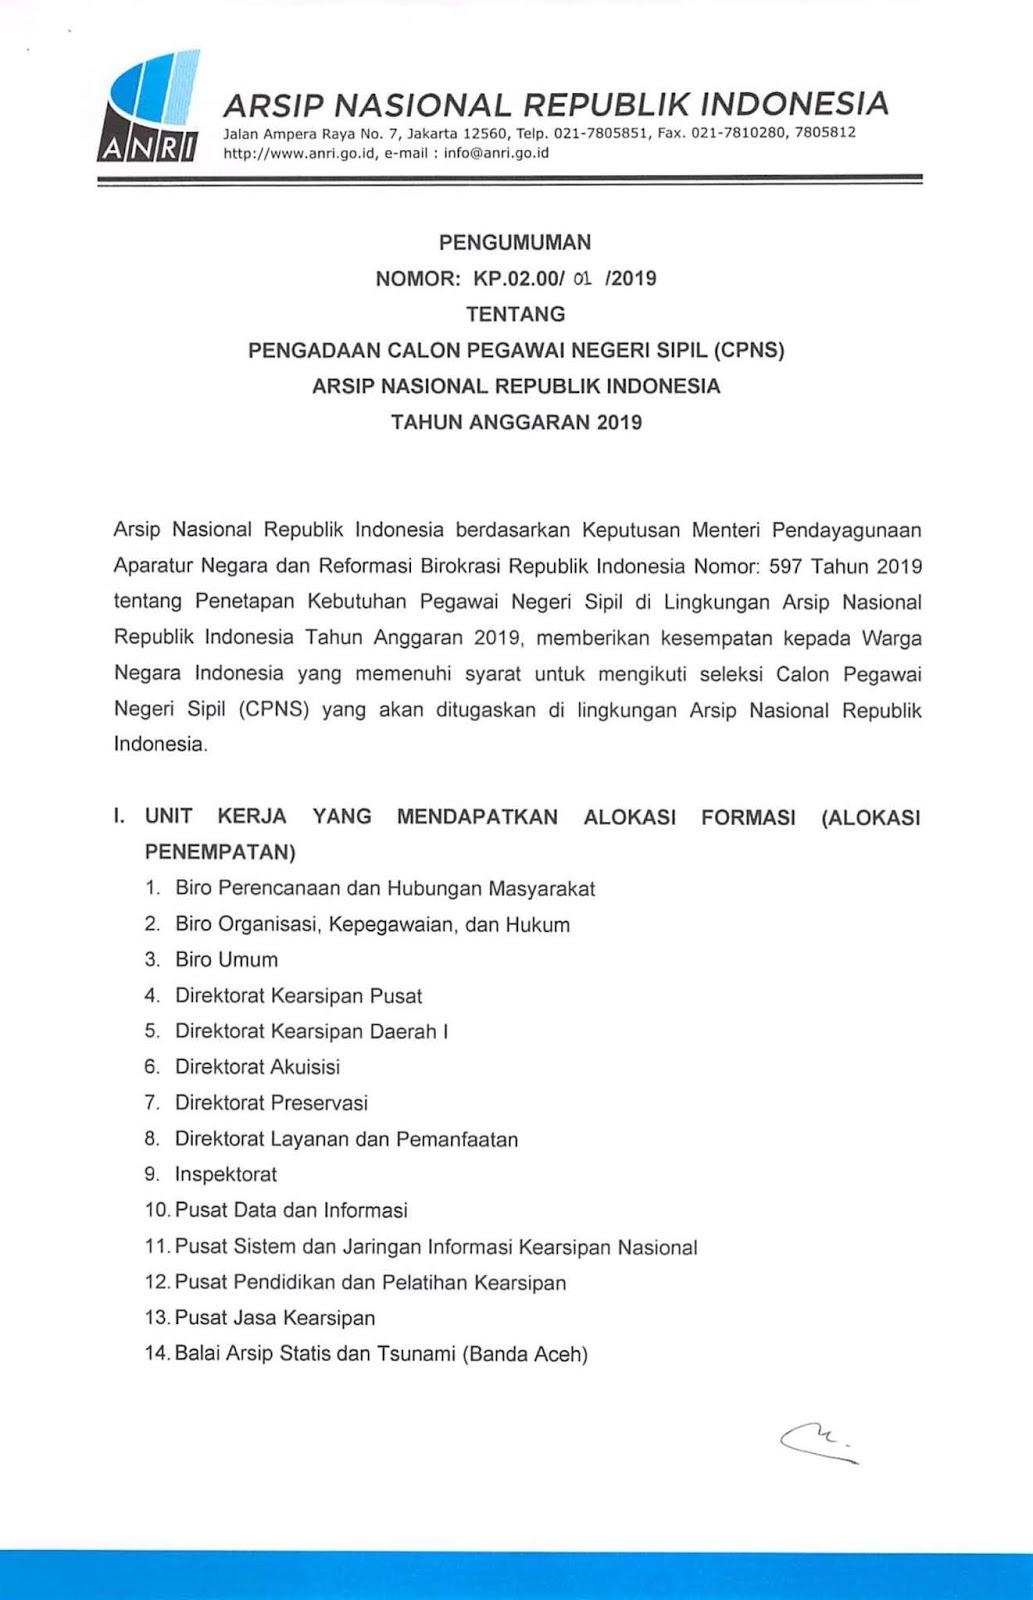 Lowongan Kerja CPNS Arsip Nasional Republik Indonesia Tahun Anggaran 2019 [71 Formasi]